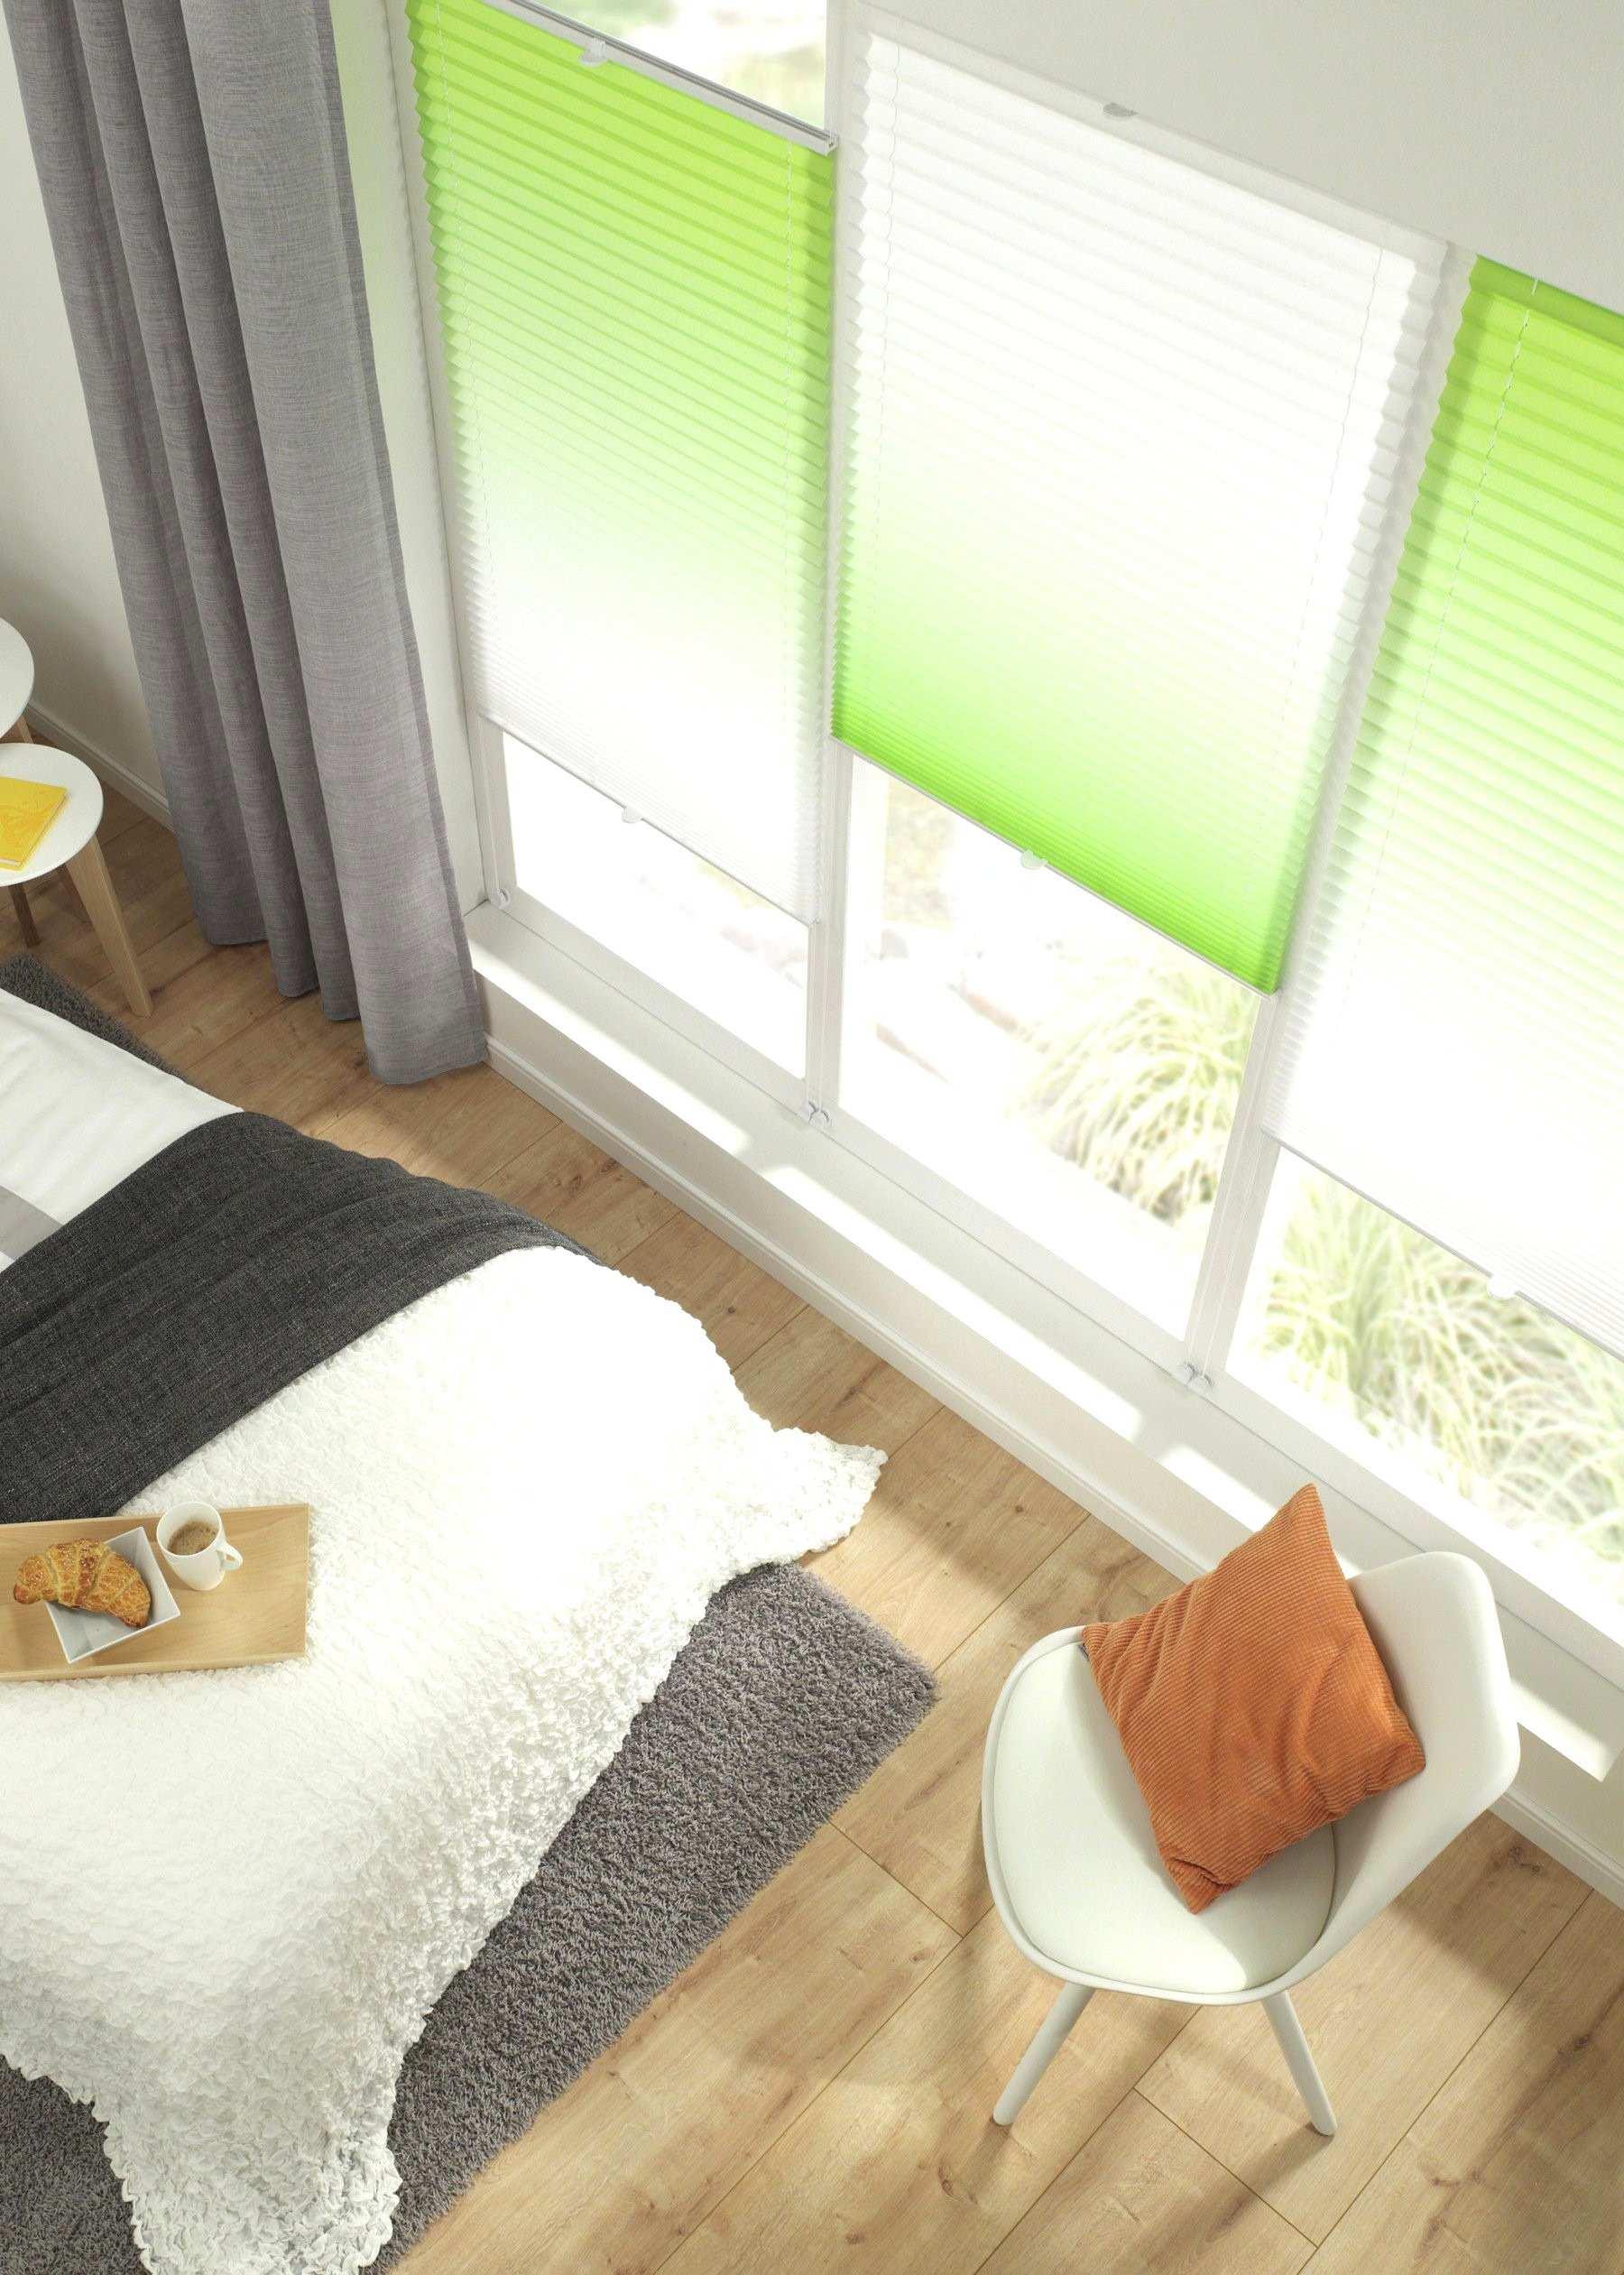 deko idee wohnzimmer schon wohnzimmer fenster gardinen neu plissee wohnzimmer 0d design of deko idee wohnzimmer